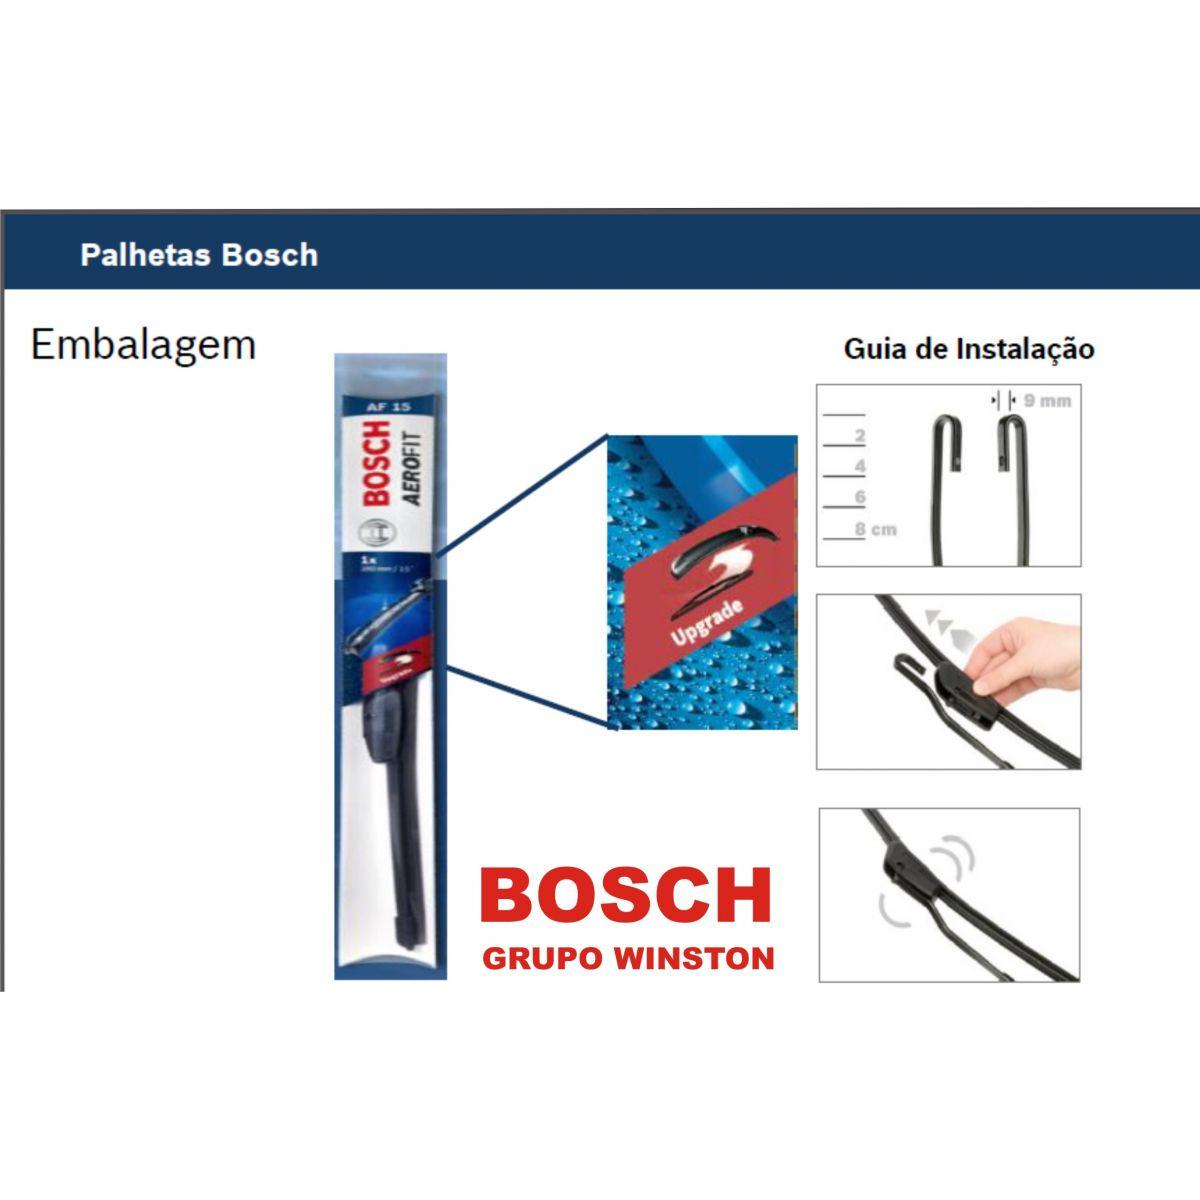 Palheta Bosch Aerofit Limpador de para brisa Bosch MERCEDES BENZ C 180 / C 200 / C 240 / C 320 / C 200 Kompressor / T-Modell C 230 Kompressor C 32